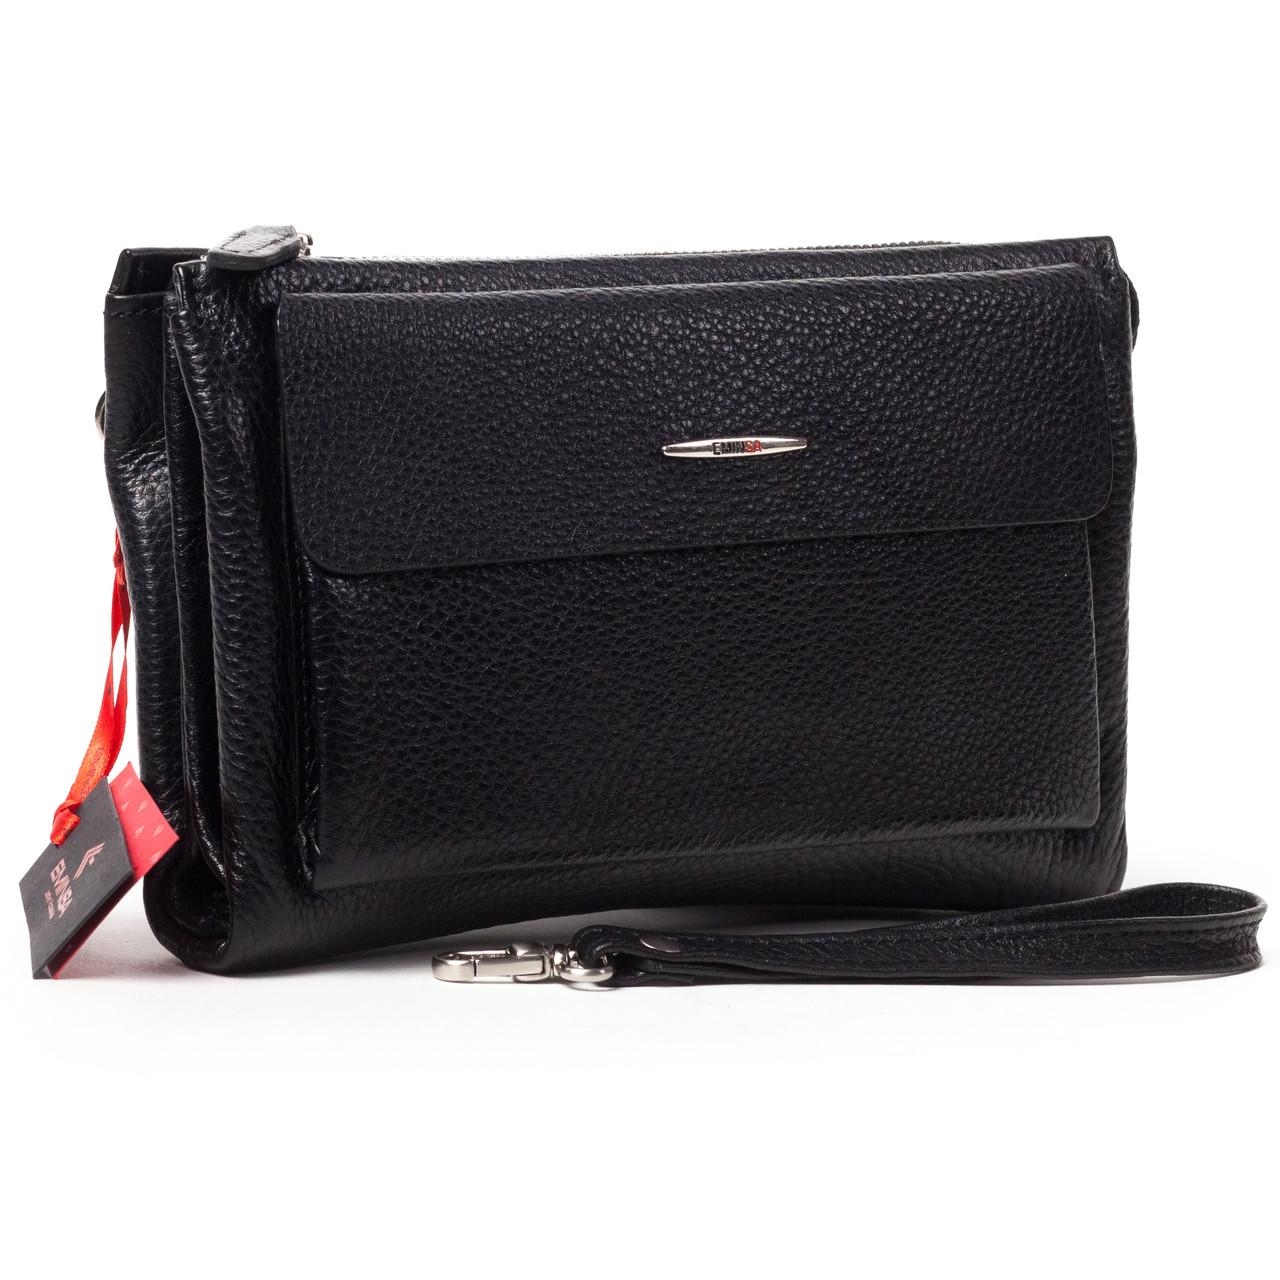 Мужской клатч кожаный чёрный Eminsa 5002-18-1